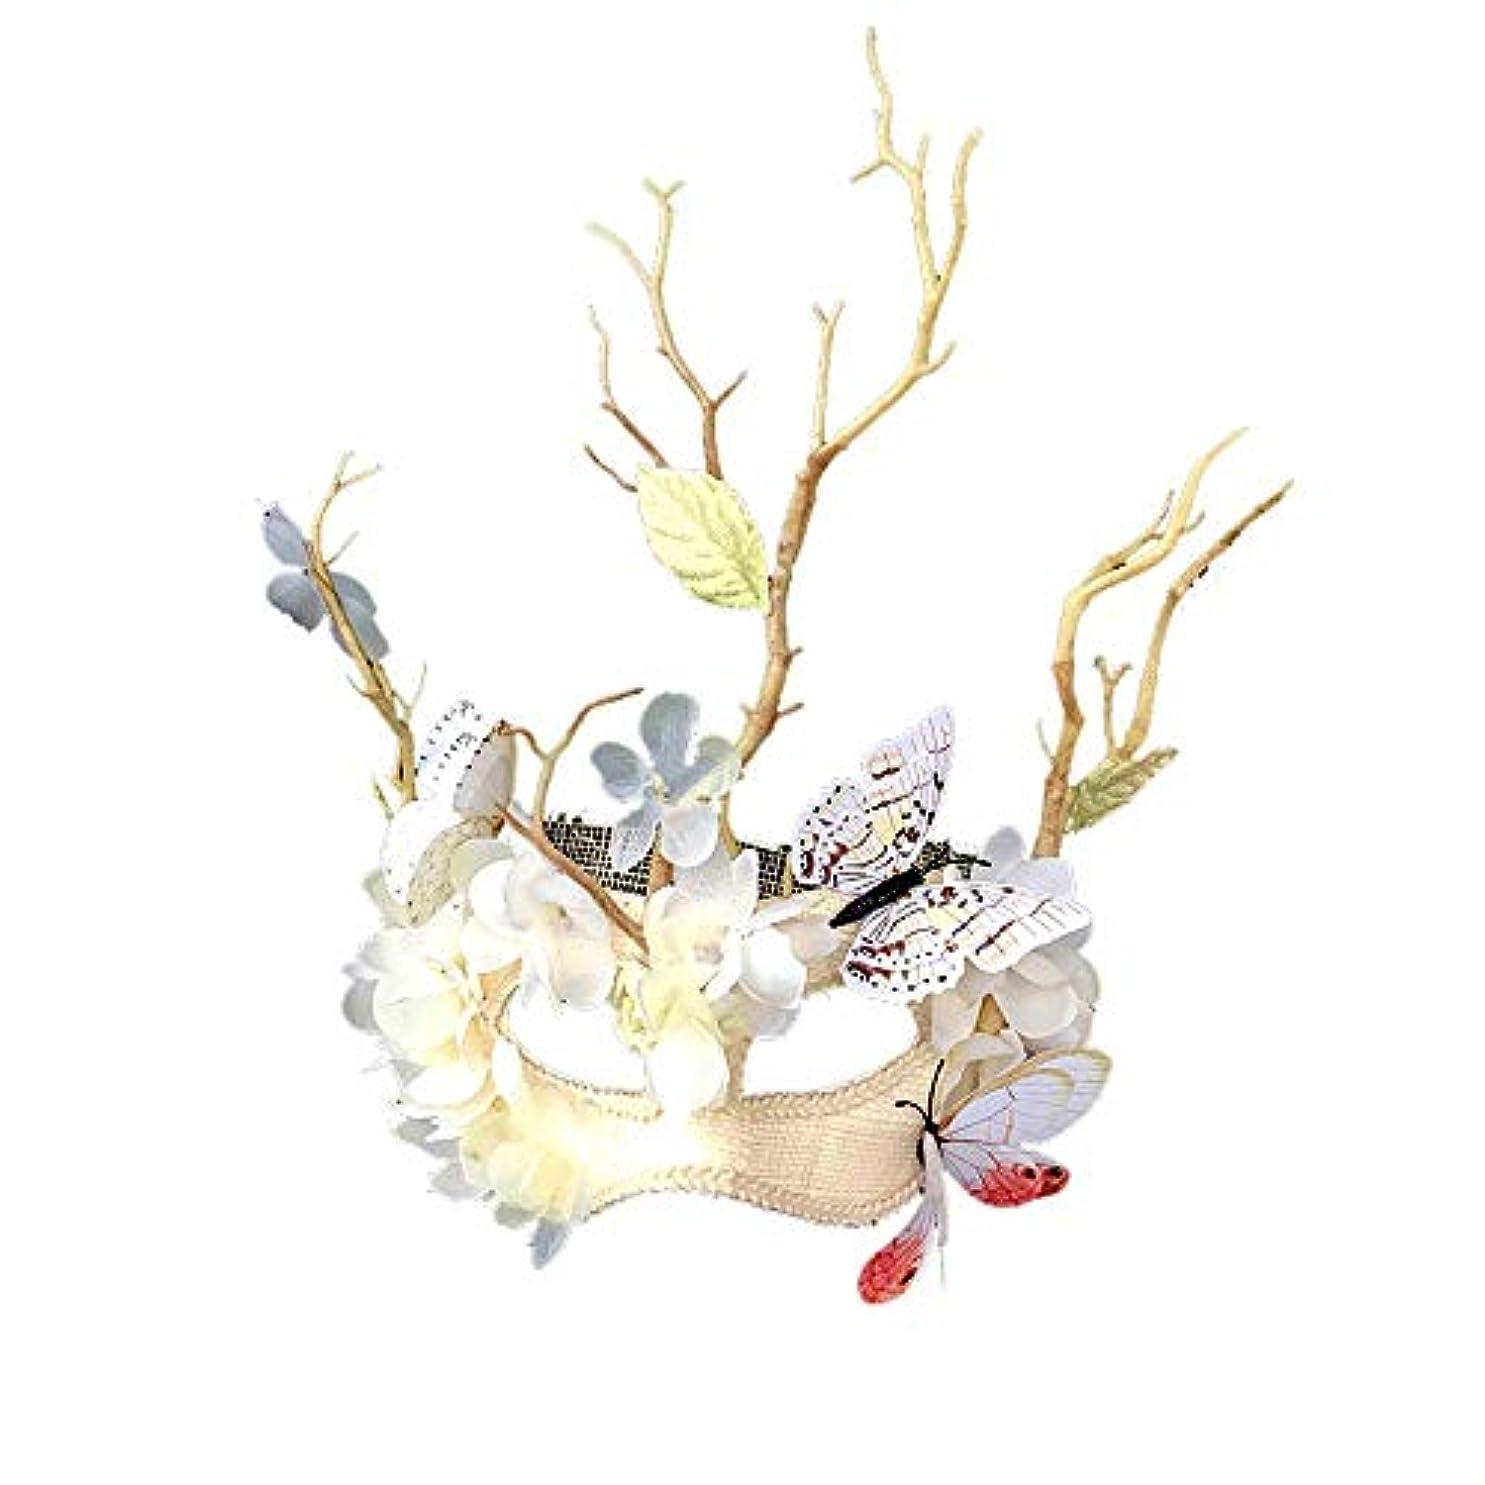 特派員大学院アフリカ人Nanle ハロウィンの蝶の木ブランチマスク仮装マスクレディミスプリンセス美容祭パーティーデコレーション (色 : ベージュ)